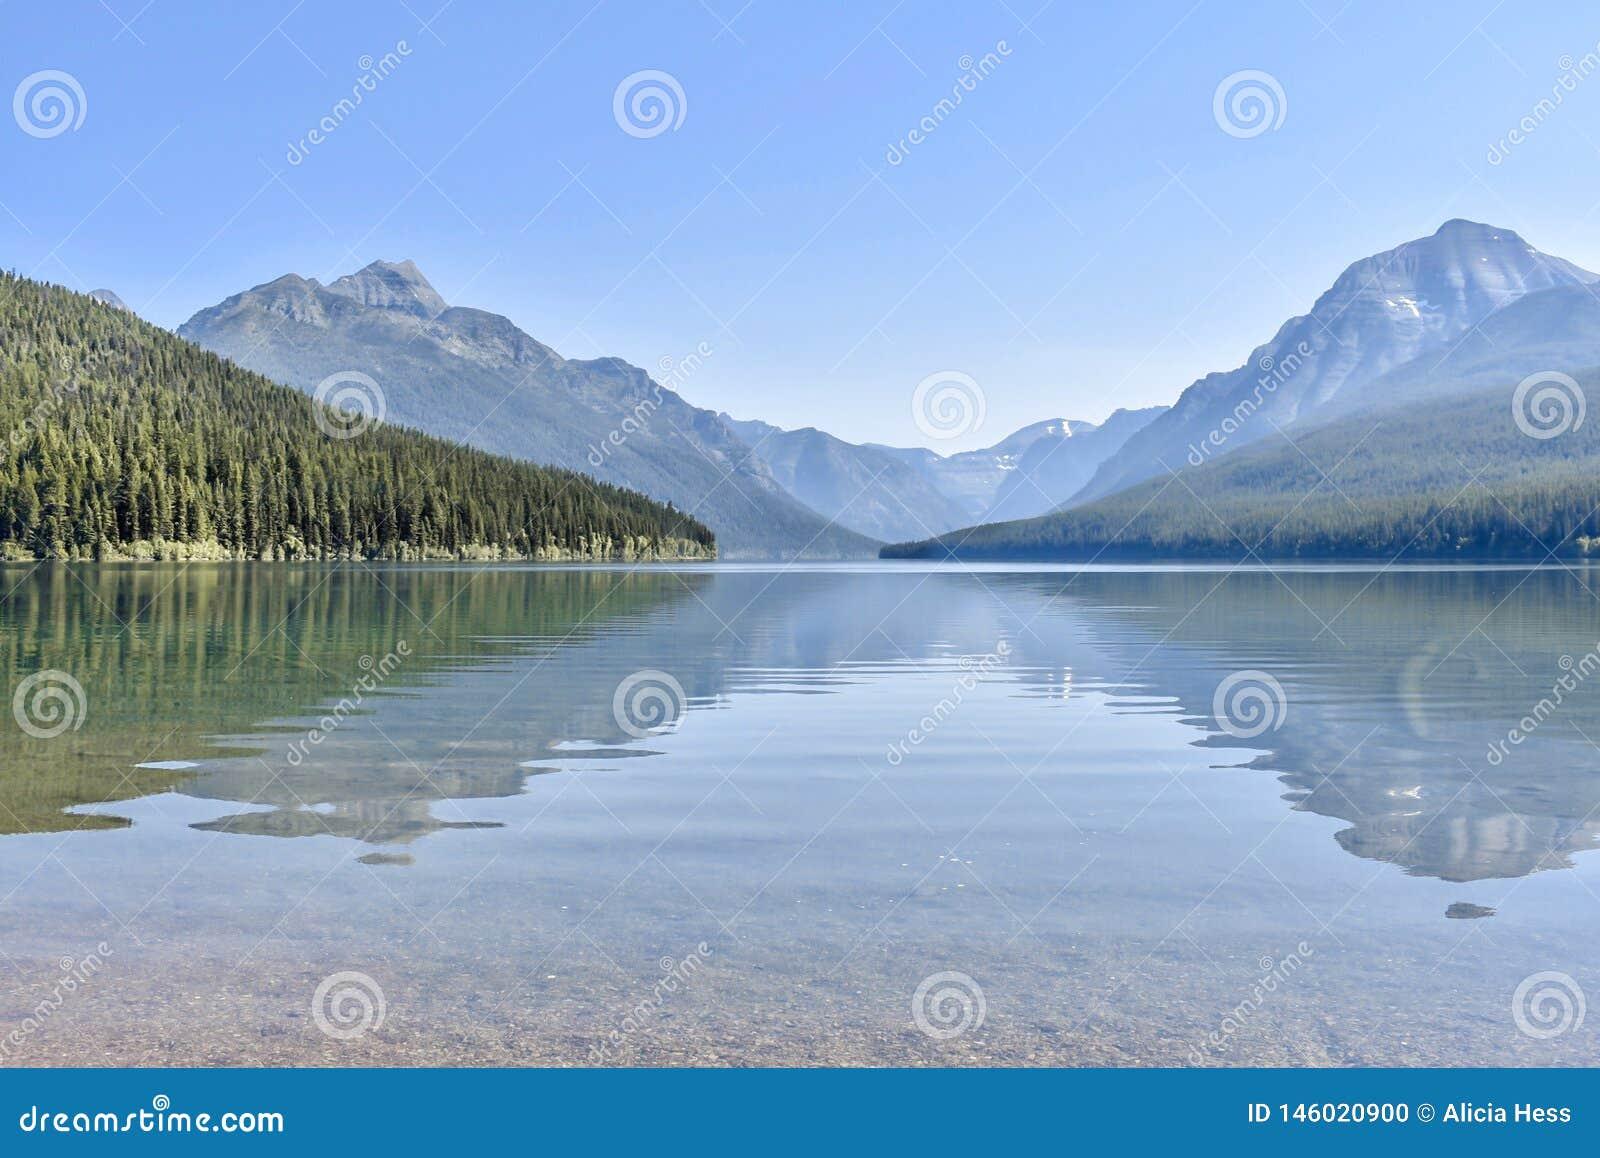 Bågskytt nationalpark för sjöglaciär, Montana